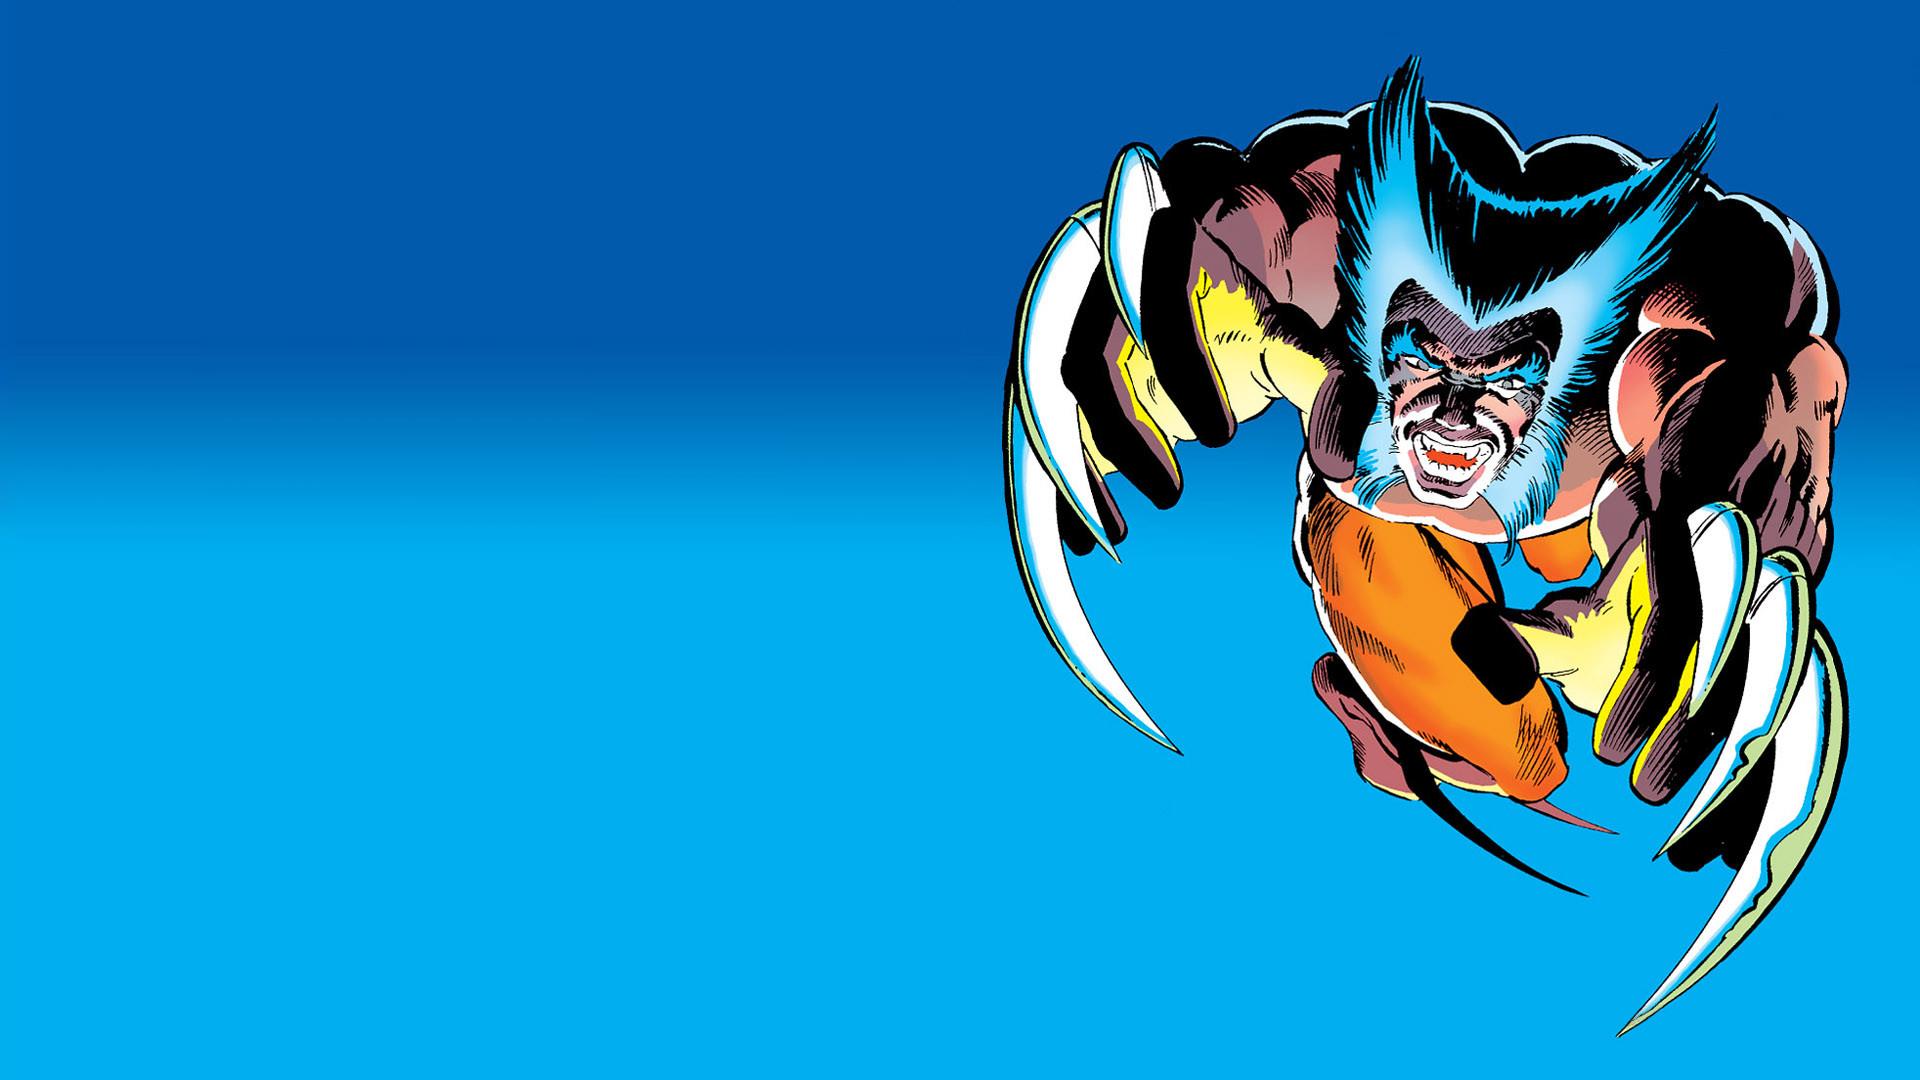 Comics – Wolverine Comic Superhero Wallpaper